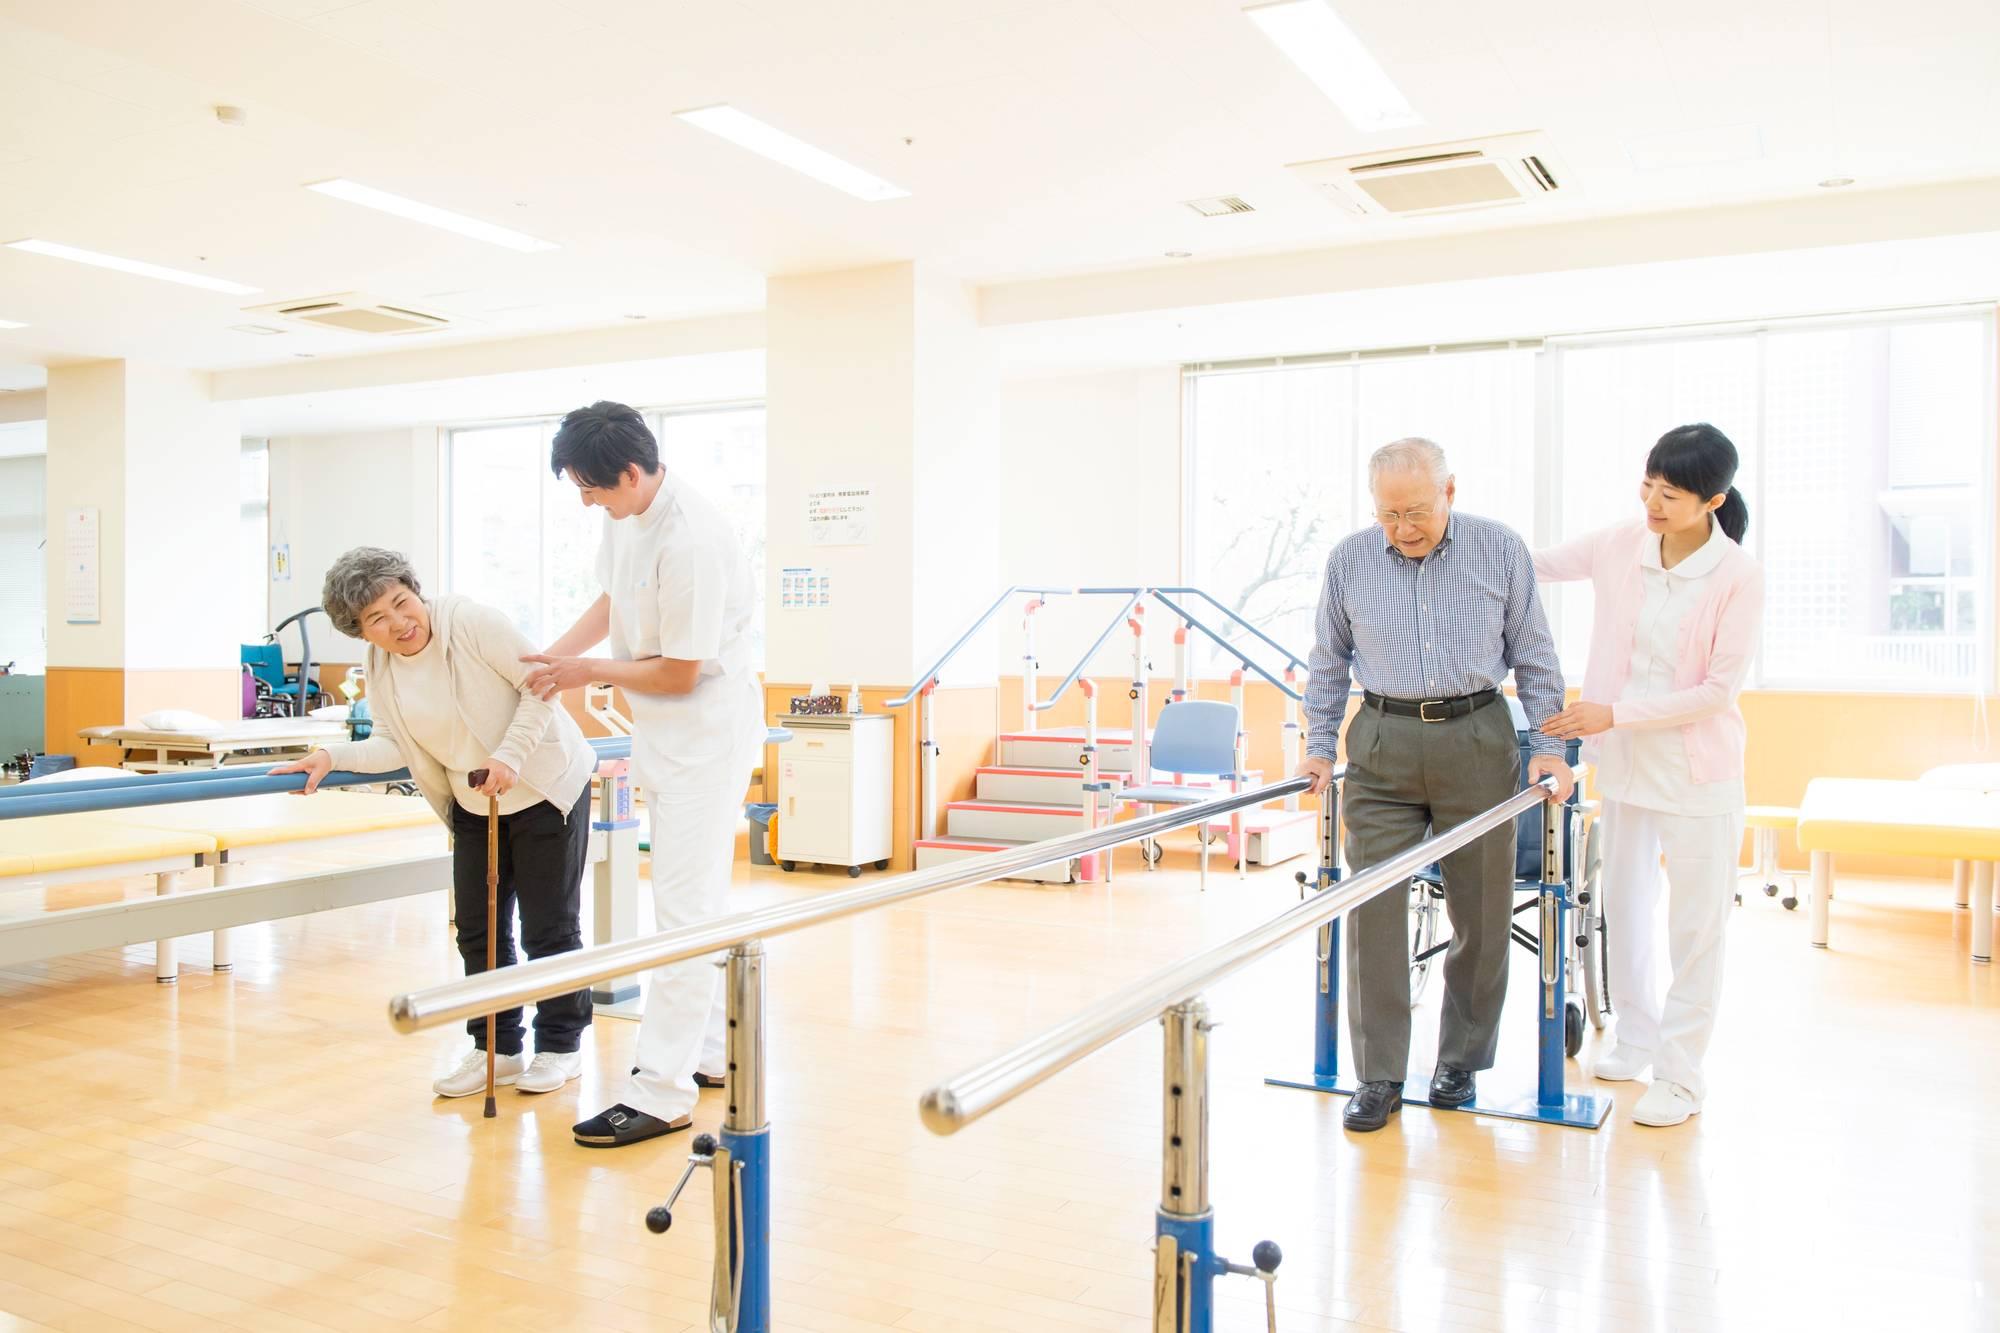 ハートウェーブ株式会社 ハートウェーブ訪問看護リハビリステーション